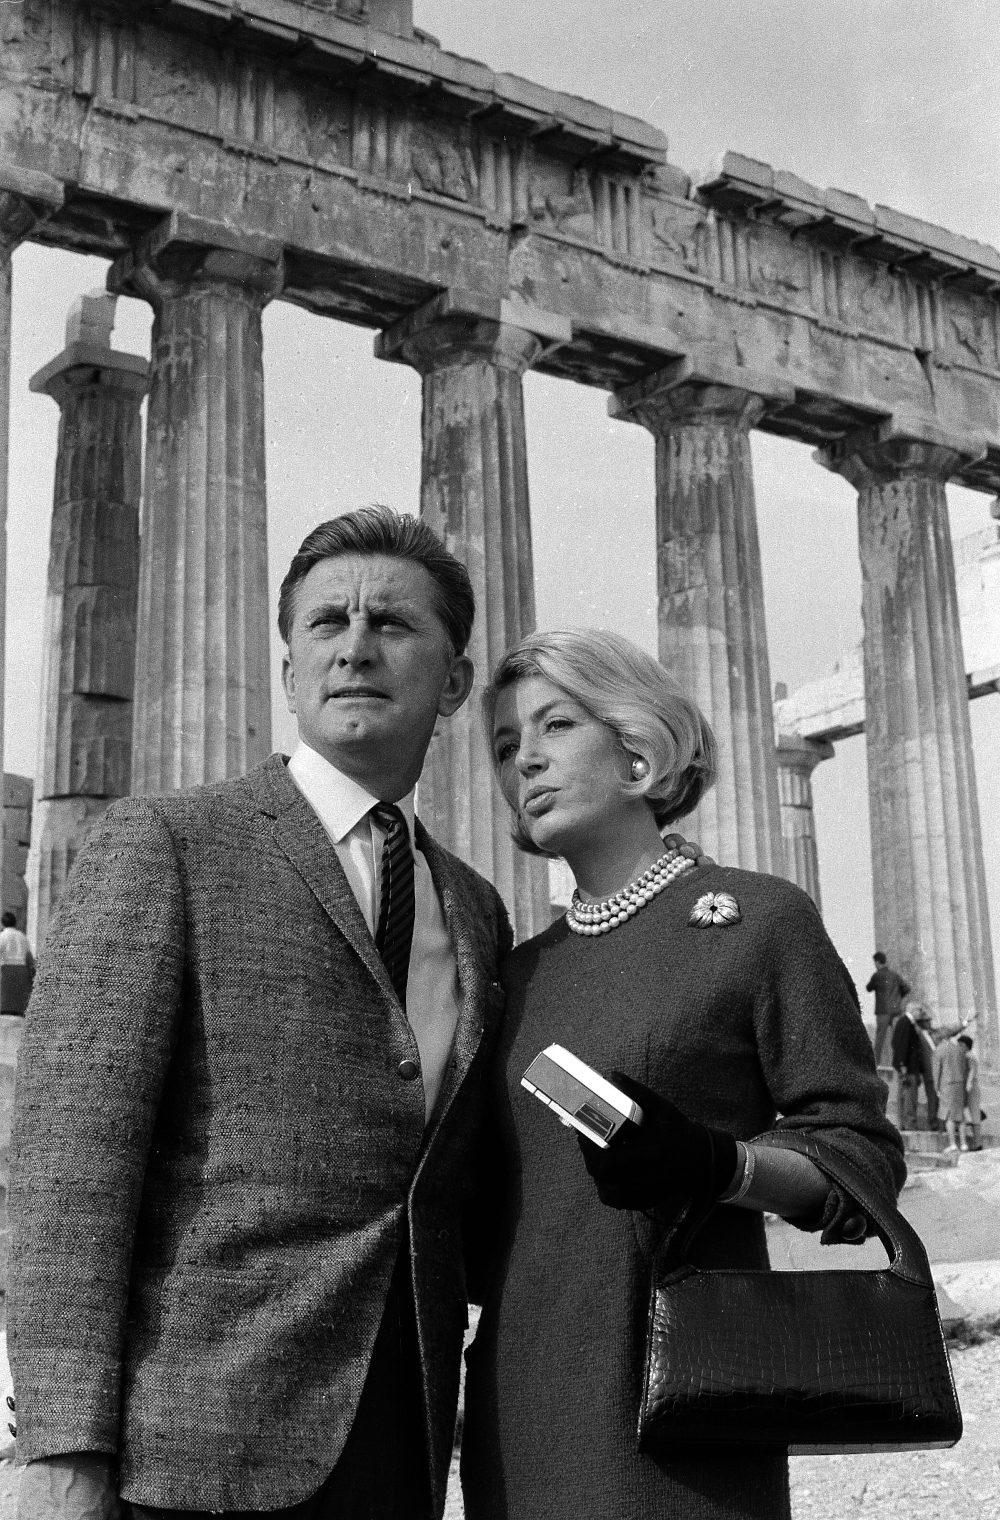 Ο Κερκ Ντάγκλας και η Αν Μπάιντεν στην Ακρόπολη